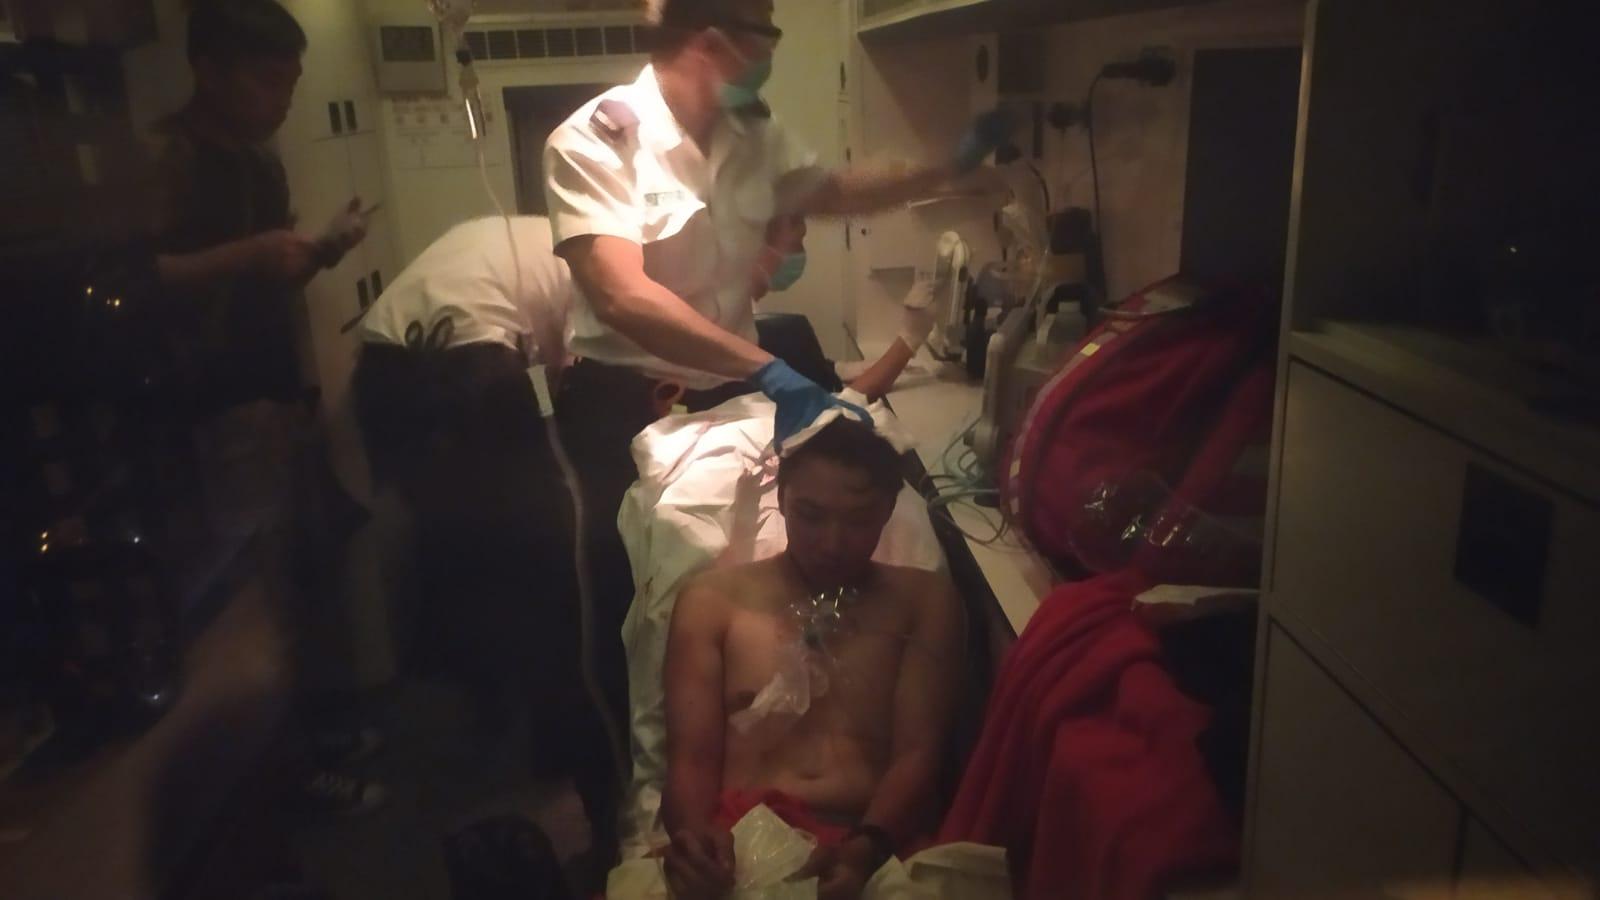 民陣召集人岑子杰旺角遇襲受傷 警暫列「傷人」案處理 (有片)